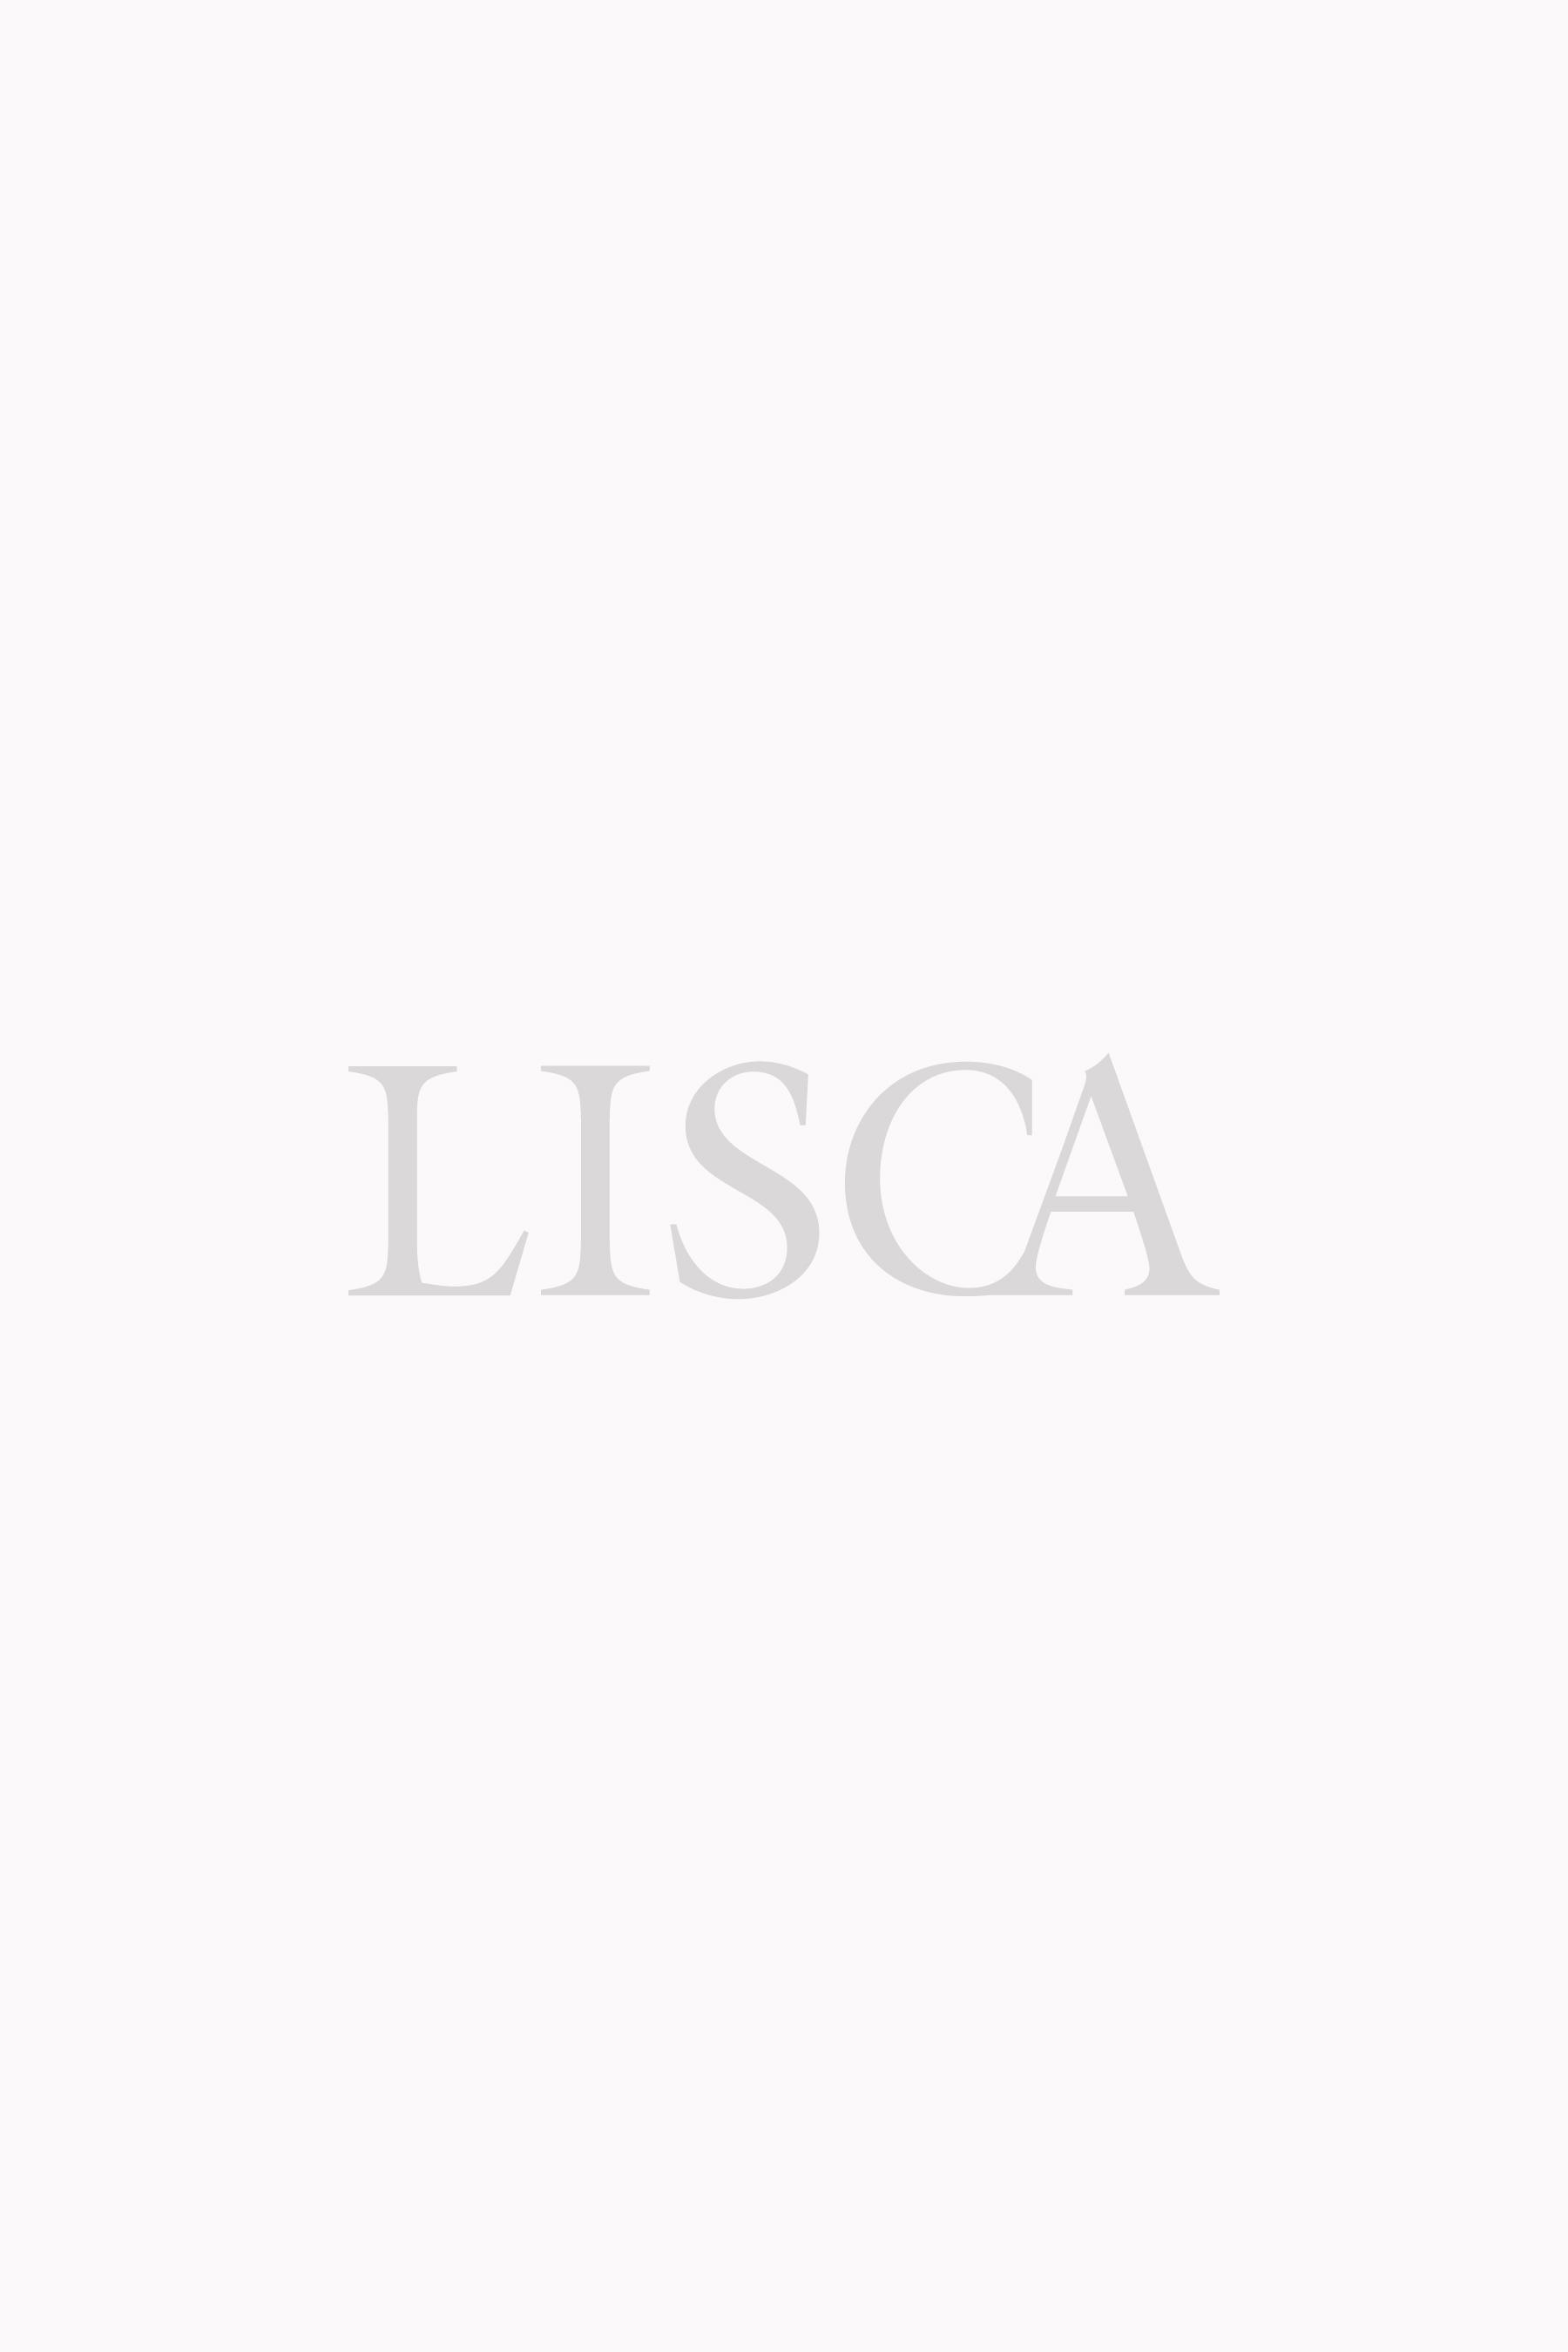 Jednodijelni kupaći s pjenasto oblikovanim košaricama »Isola Bella«